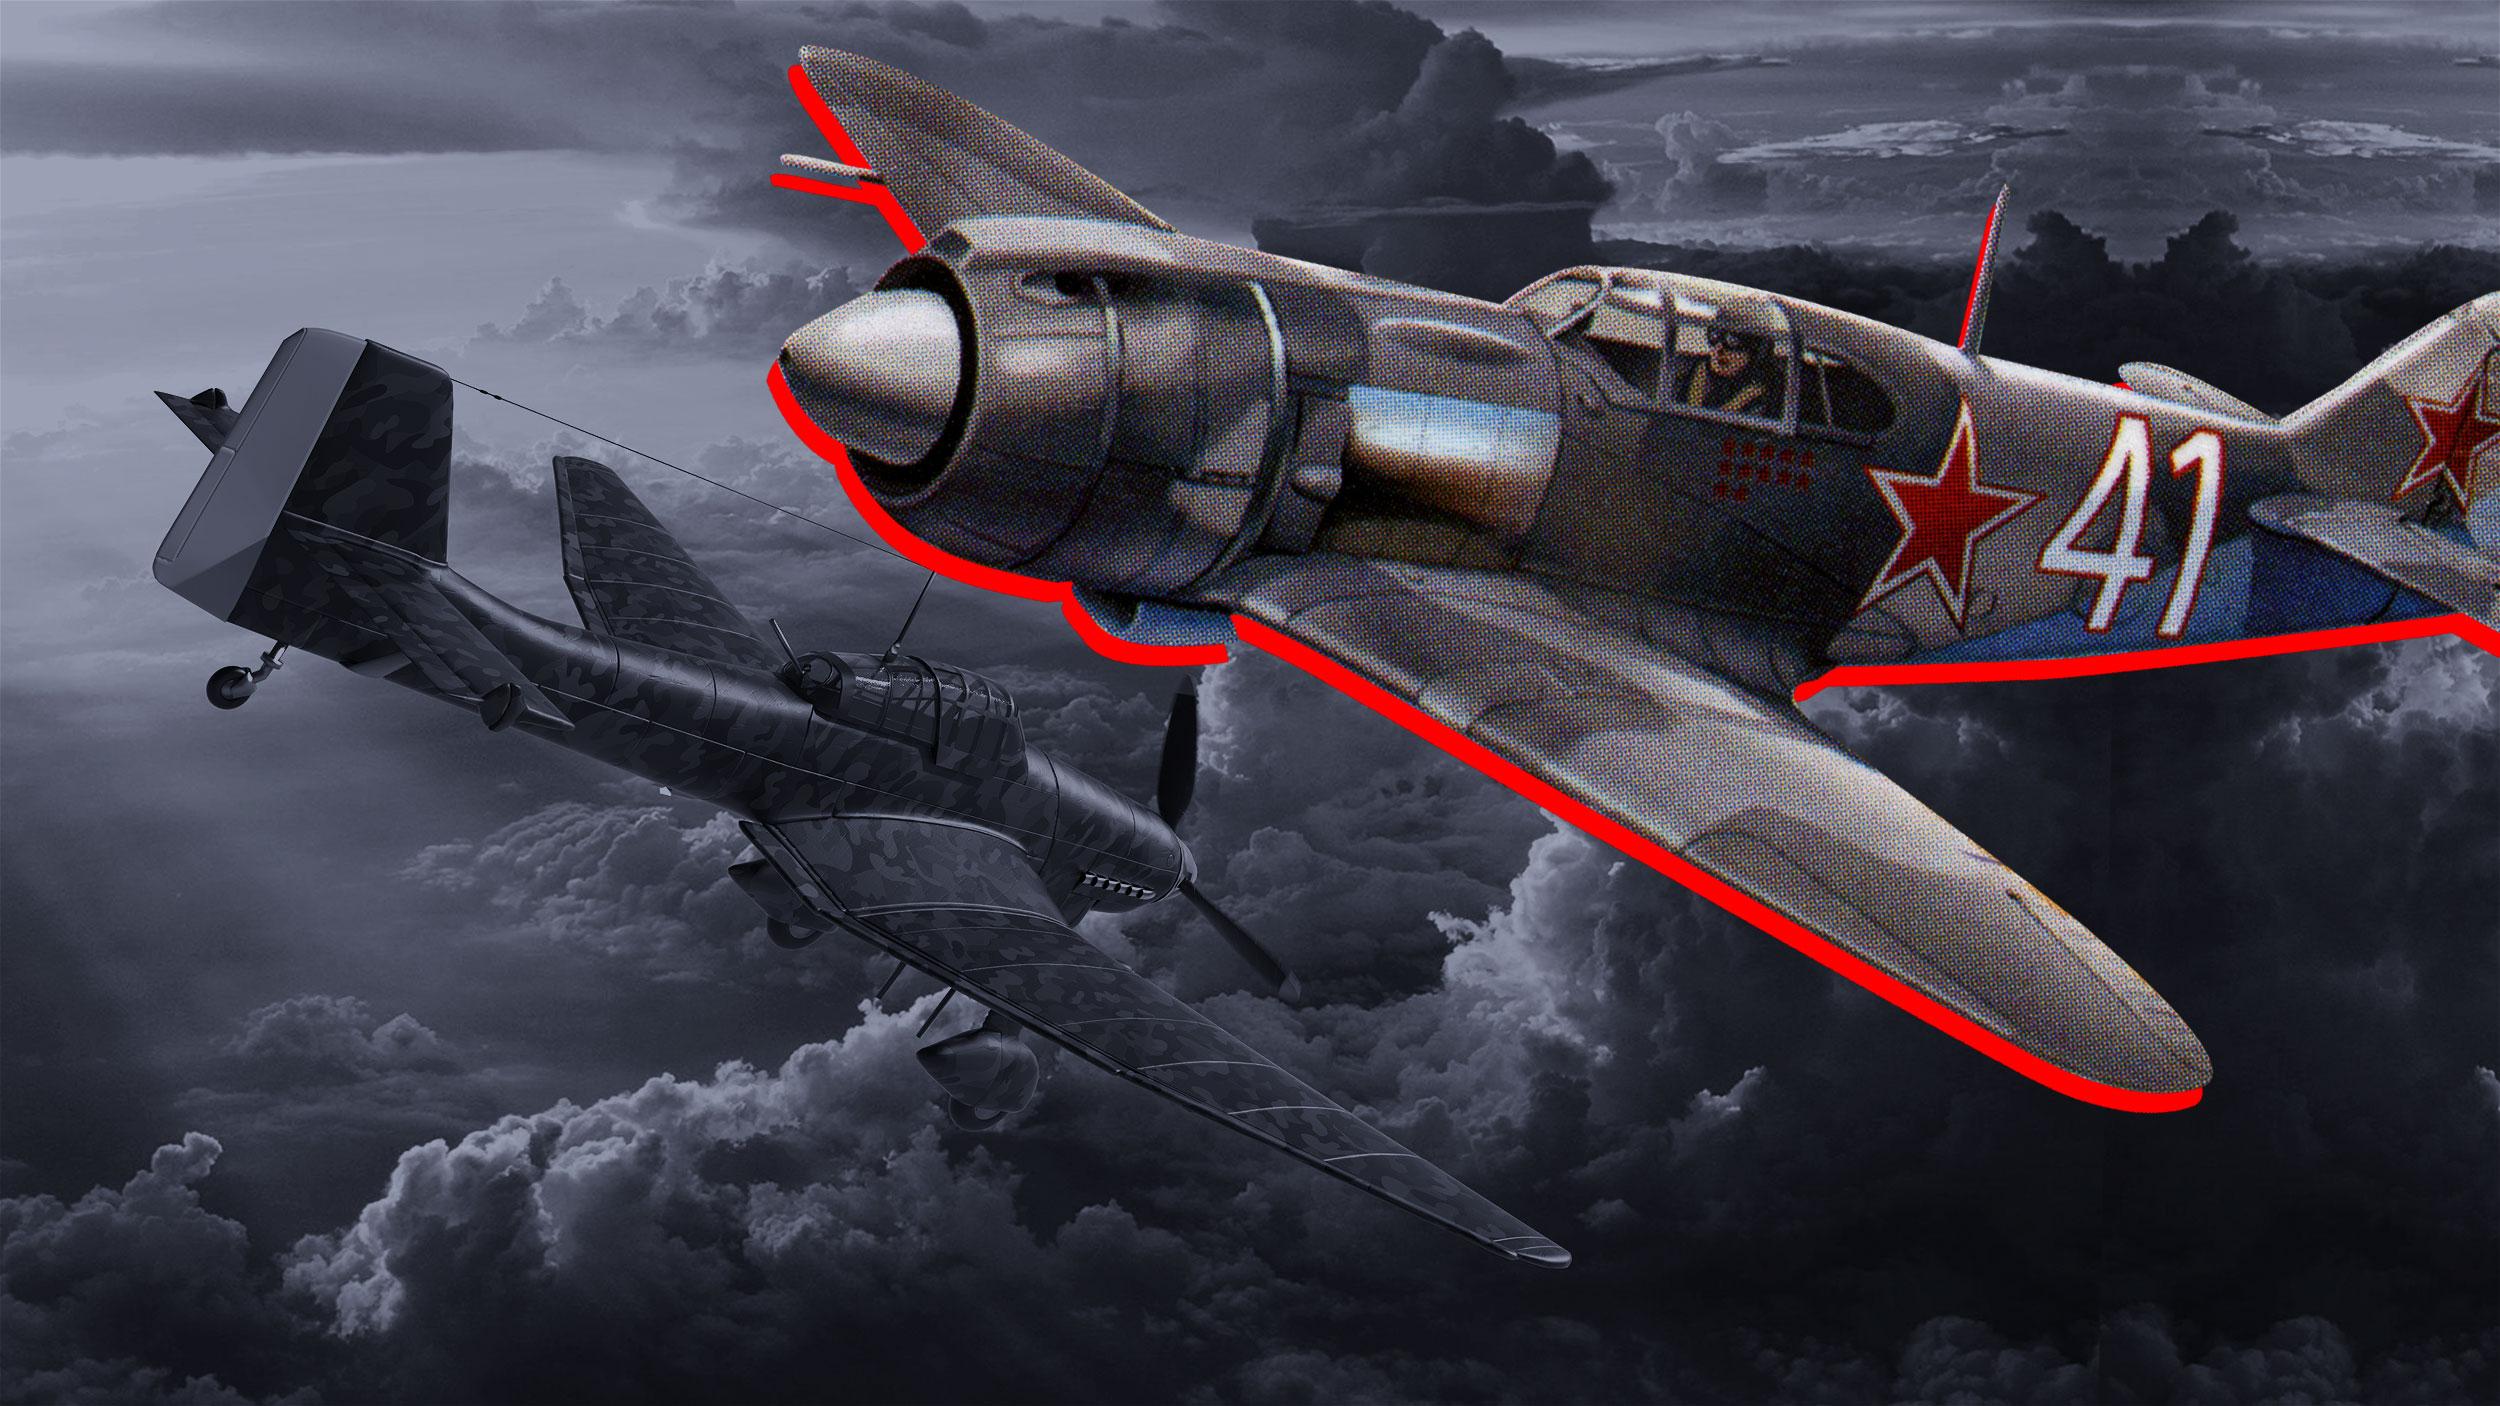 Один советский лётчик против 52 фашистских самолётов: рисковый бой капитана Сидоренкова